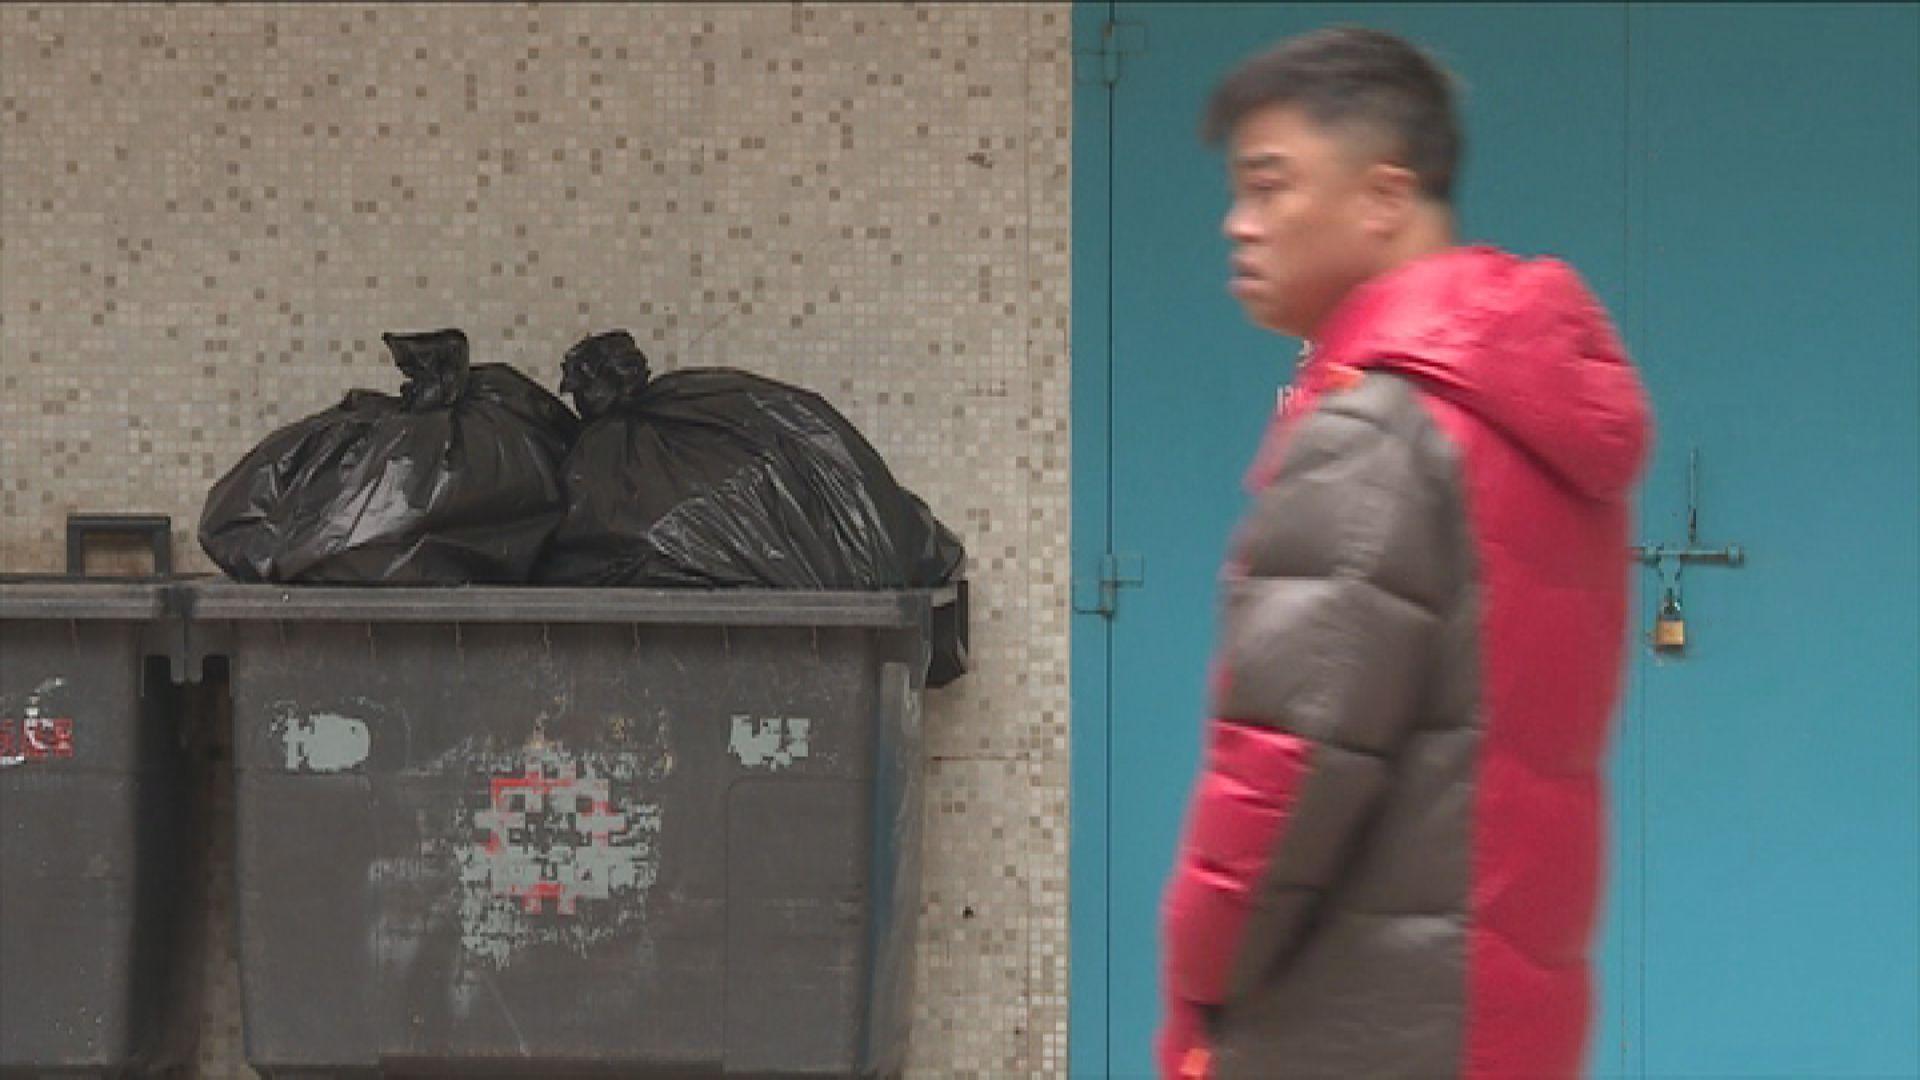 都市固體廢物收費草案終止審議 多個環保團體極度失望